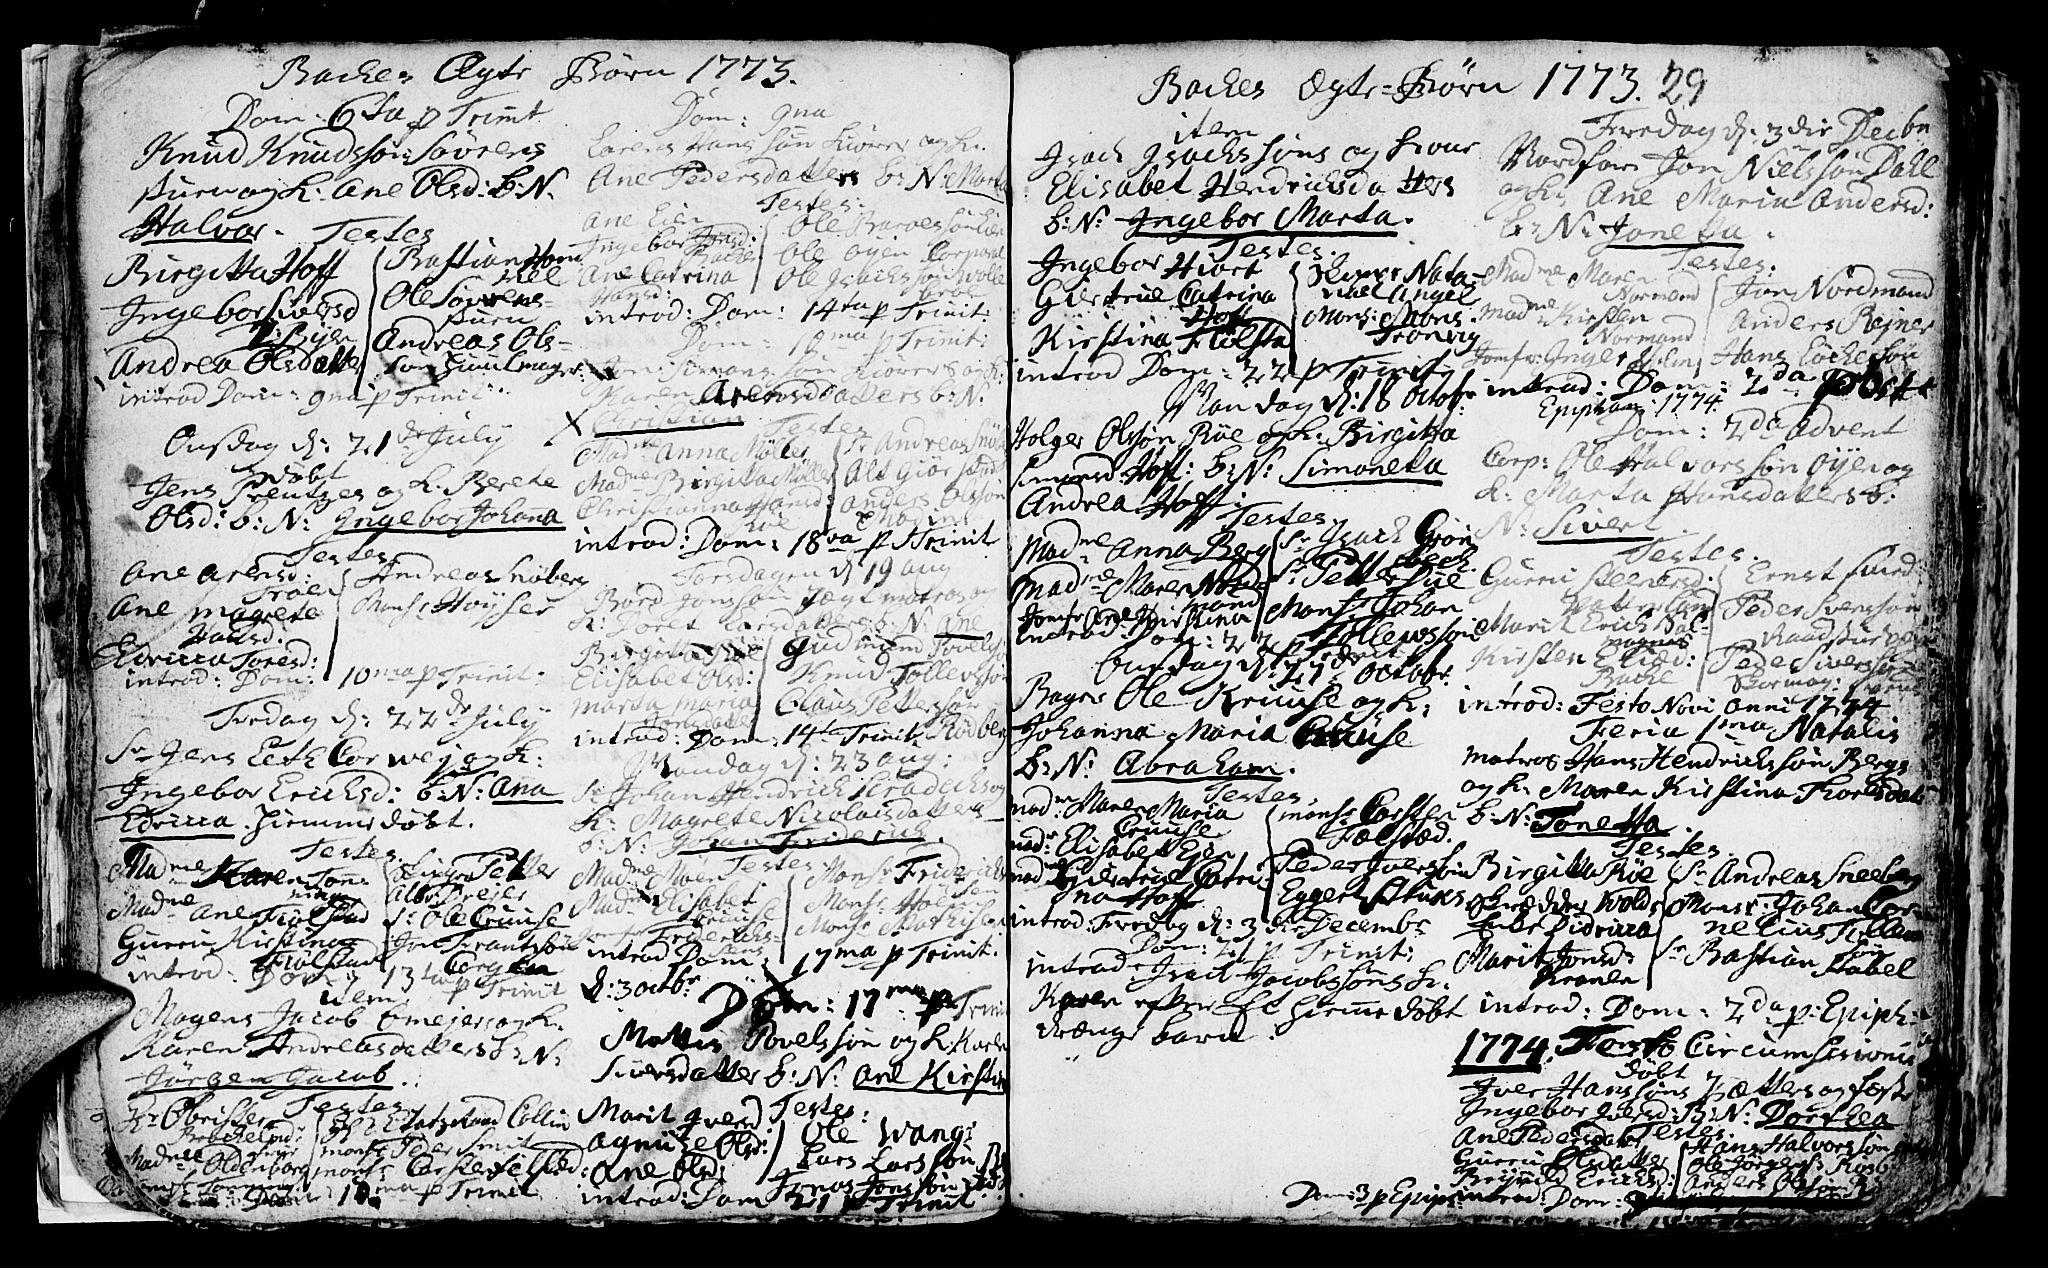 SAT, Ministerialprotokoller, klokkerbøker og fødselsregistre - Sør-Trøndelag, 604/L0218: Klokkerbok nr. 604C01, 1754-1819, s. 29